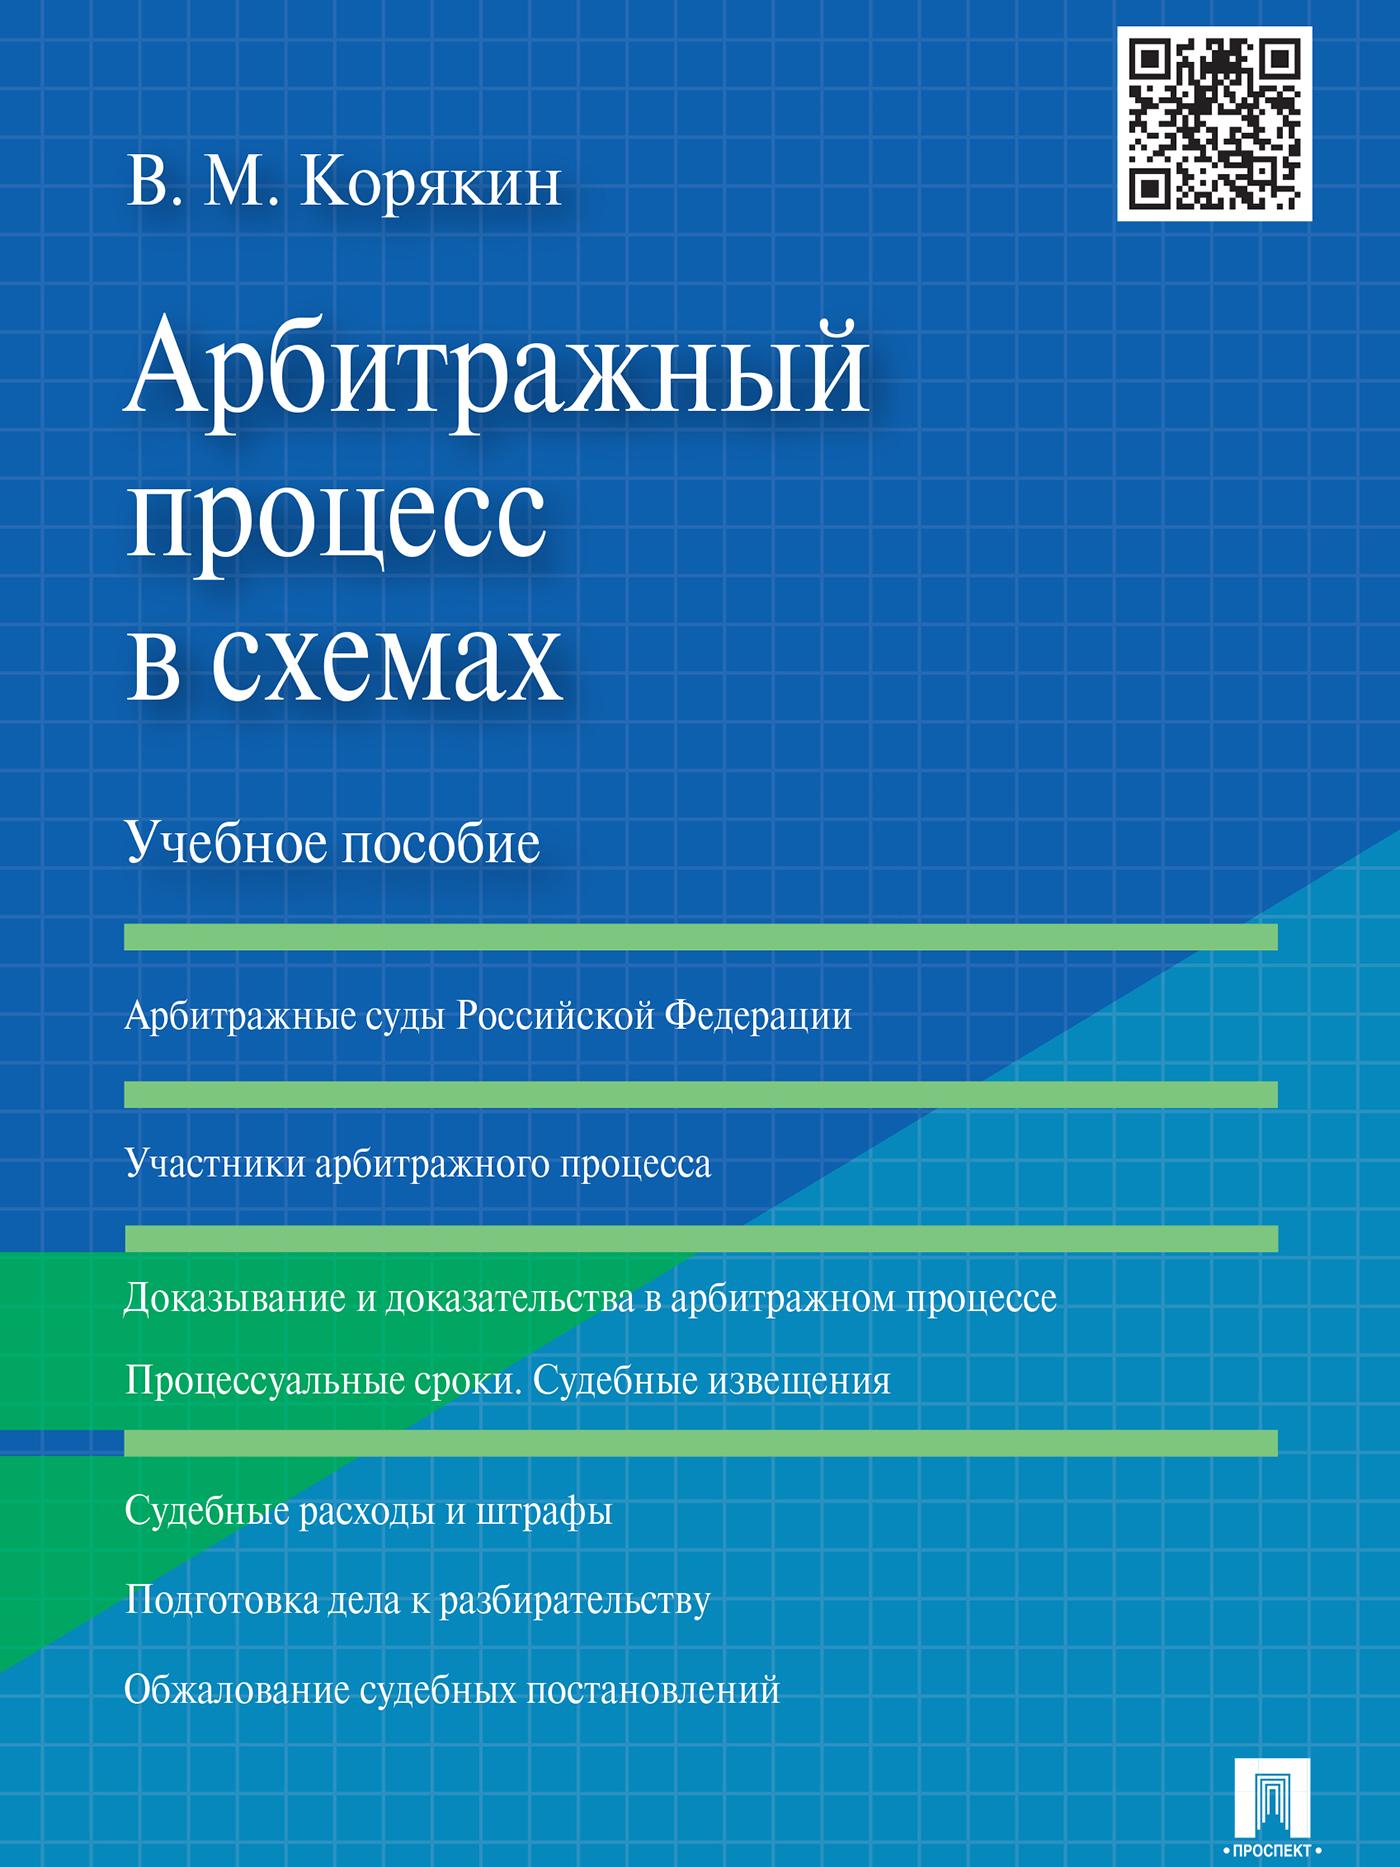 В. М. Корякин Арбитражный процесс в схемах. Учебное пособие